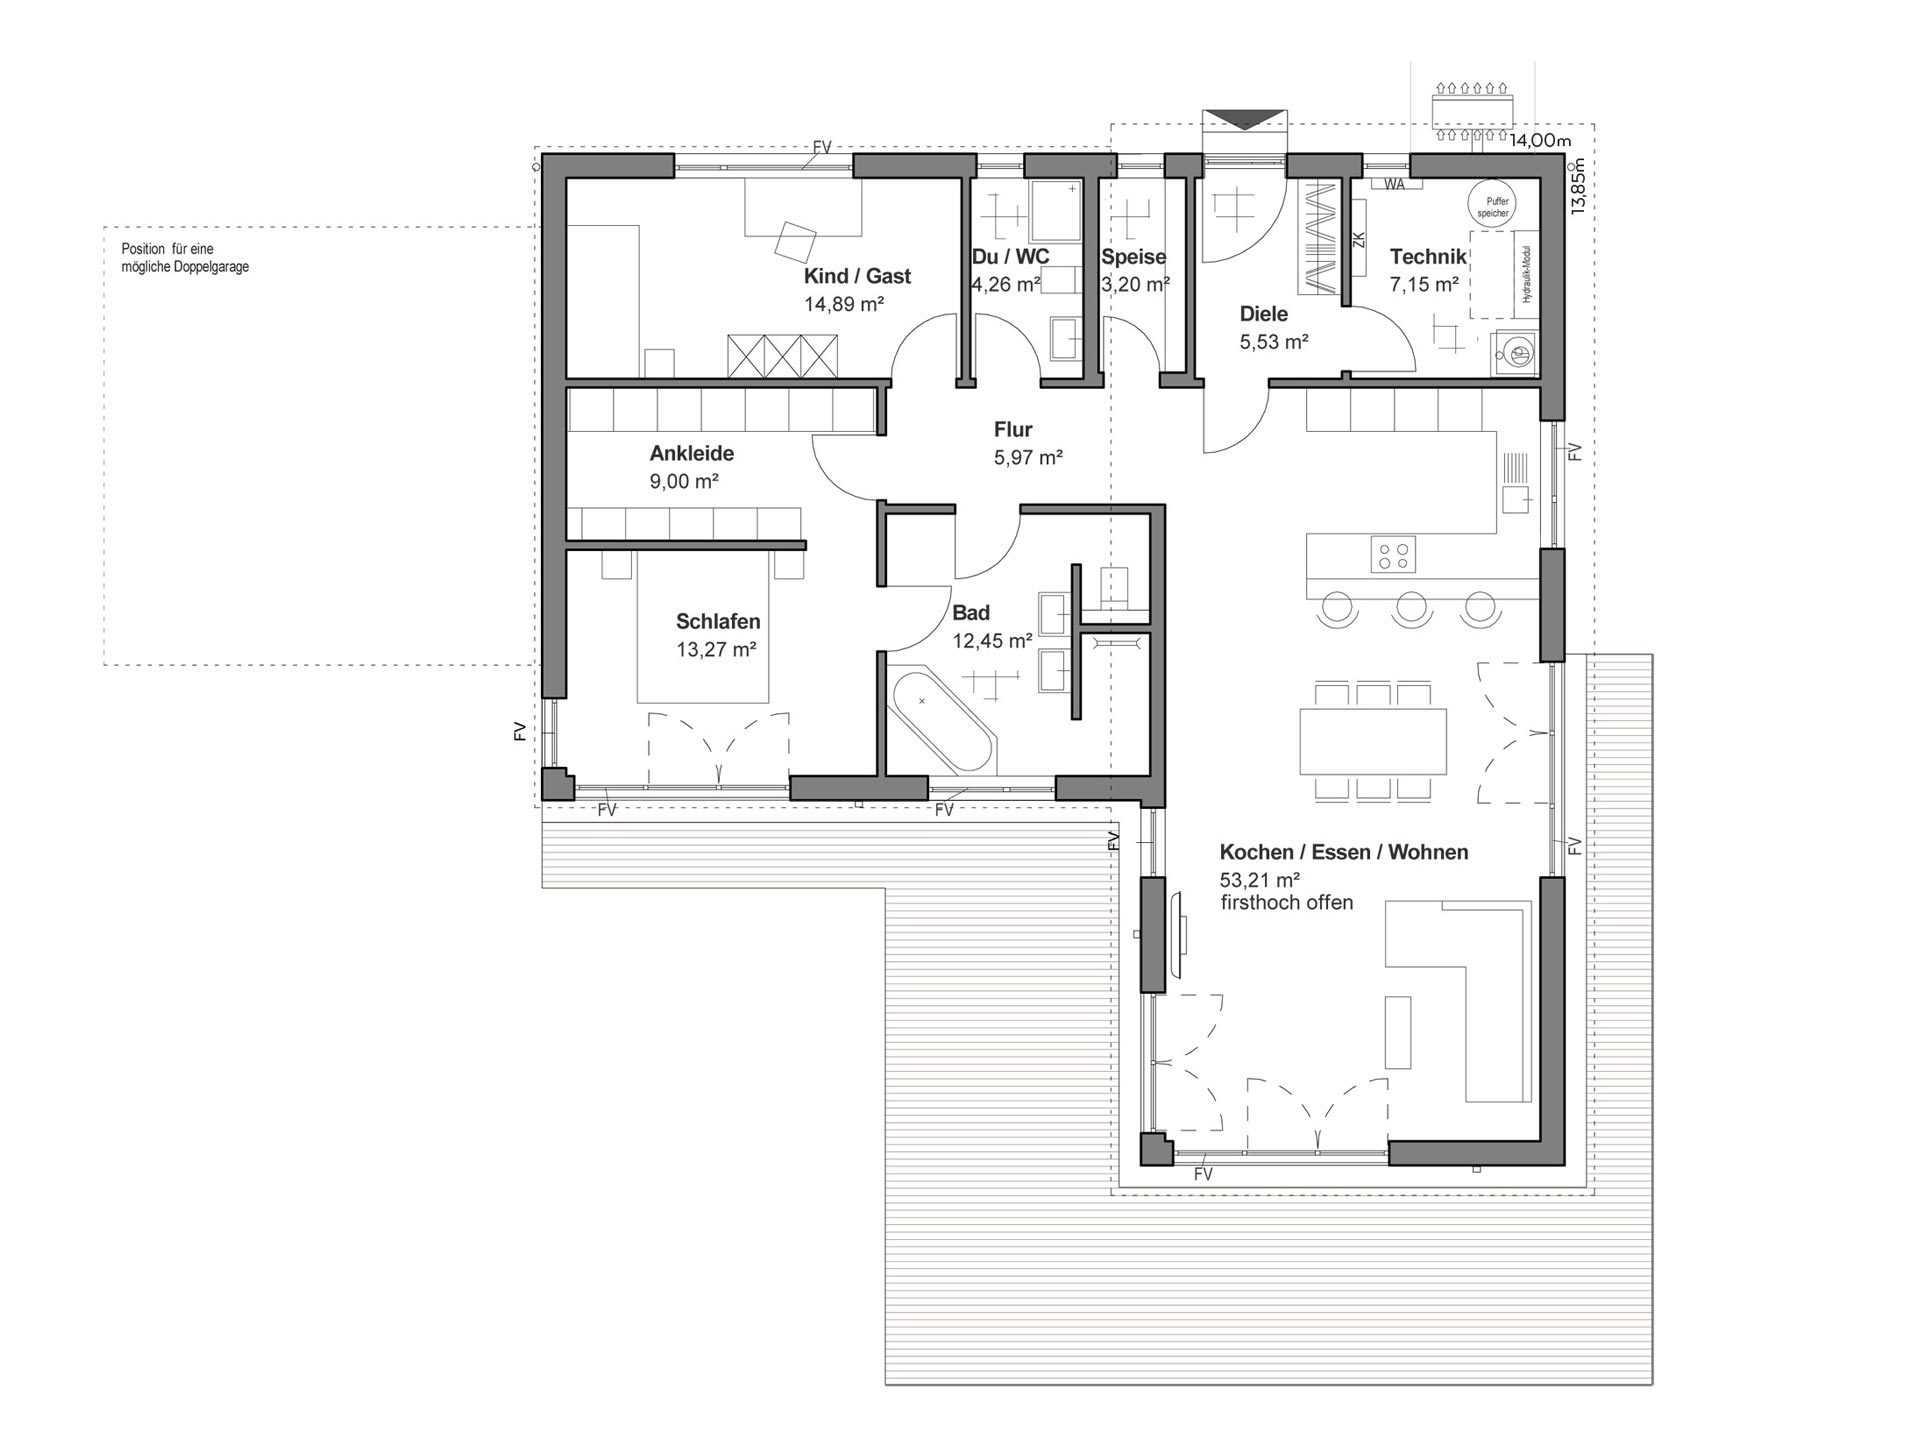 Bungalow bauen - Anbieter, Preise & Grundrisse im Überblick